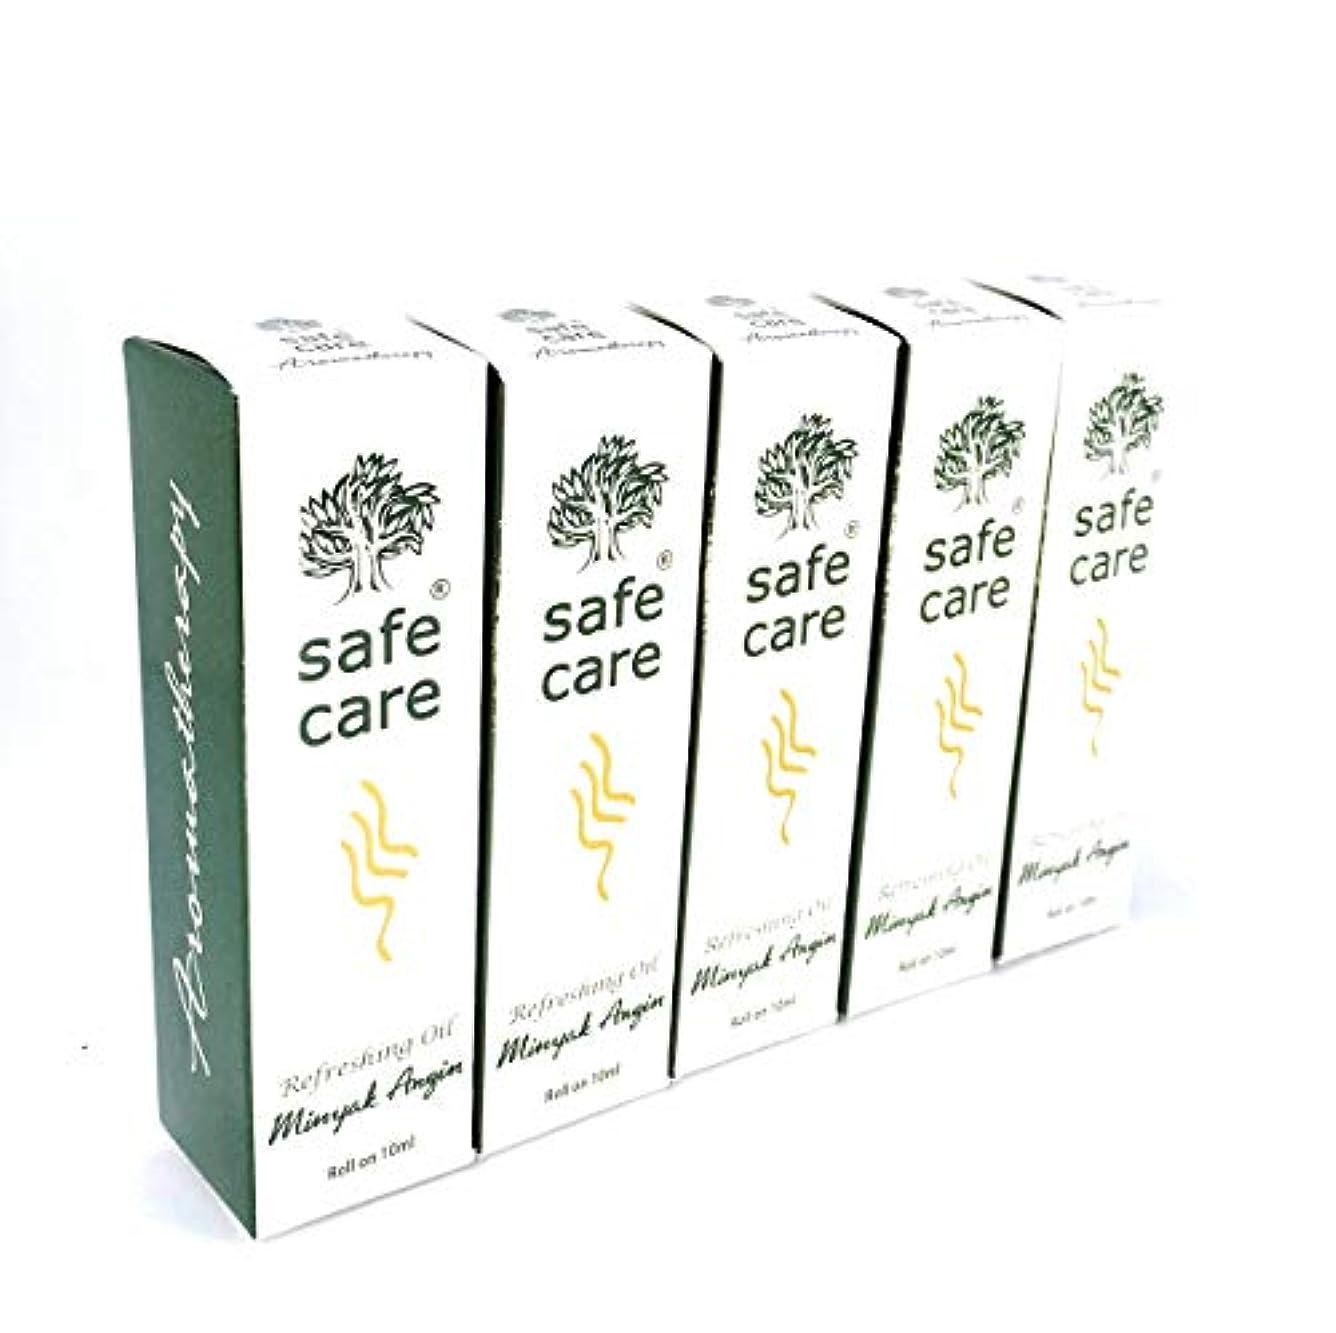 文庫本新鮮なカレッジSafe Care セイフケア Aromatherapy Refreshing Oil アロマテラピー リフレッシュオイル ロールオン 10ml × 5本セット [並行輸入品][海外直送品]